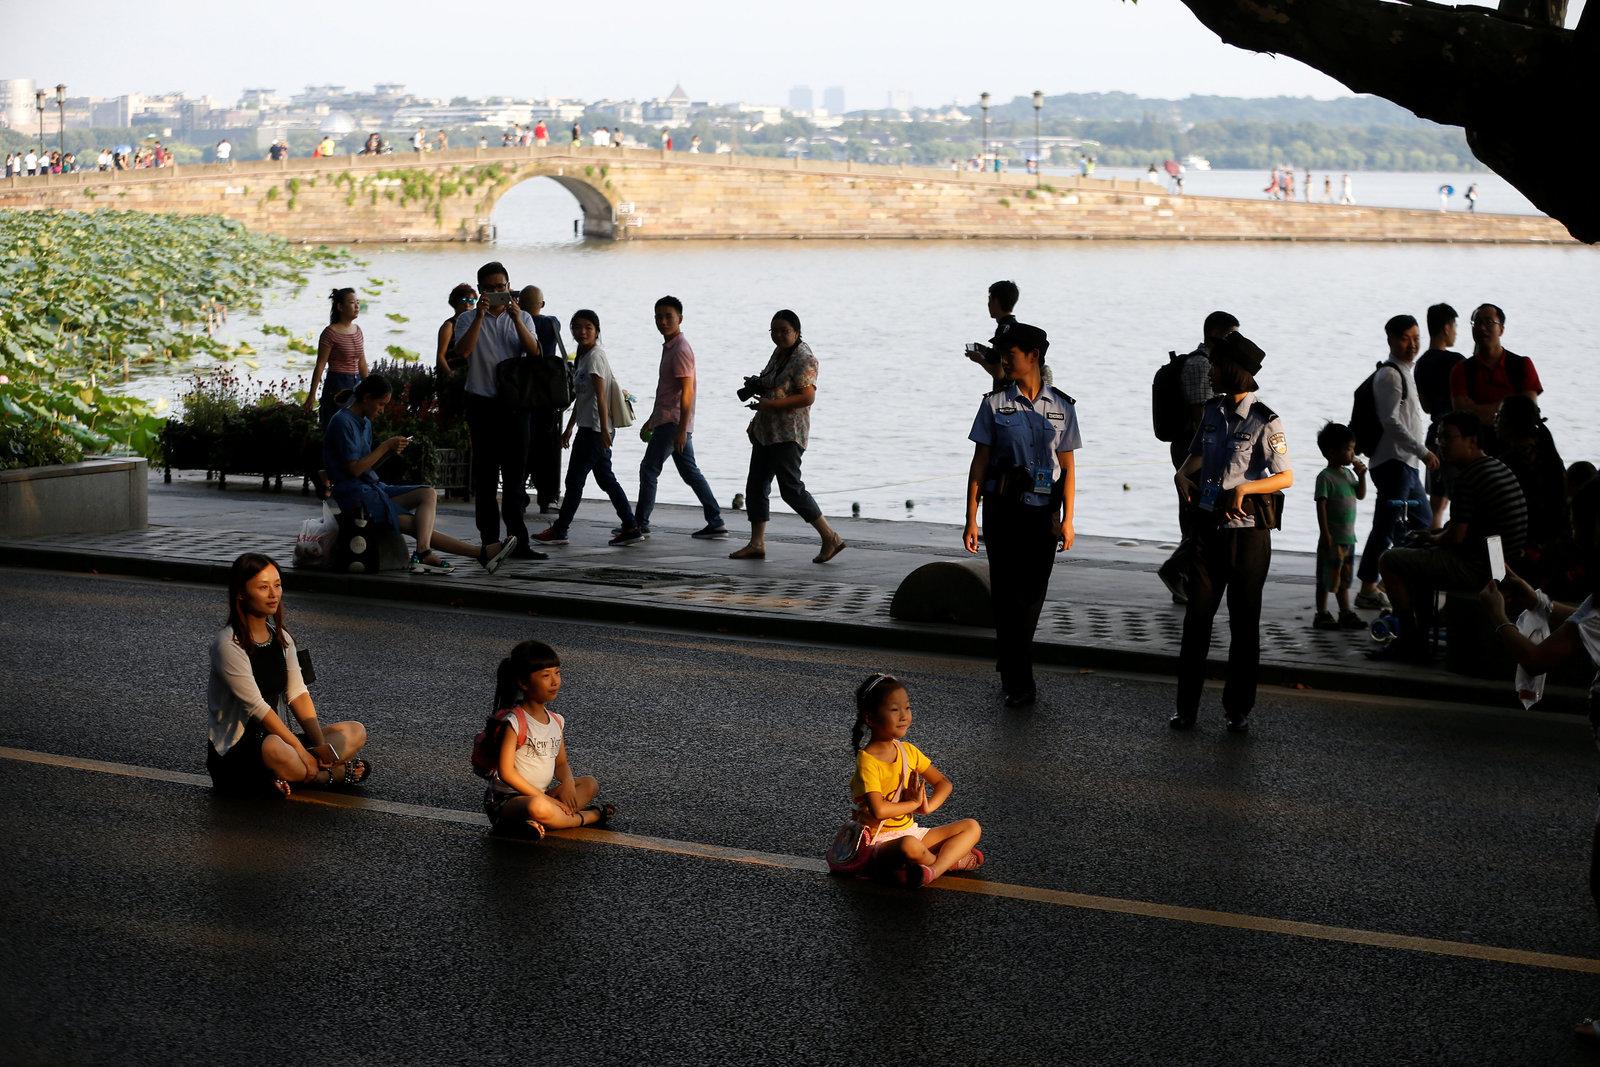 杭州多處封路後,走在馬路的公安,以及坐在馬路的遊人,都成為西湖「新景」。圖片來源:路透社